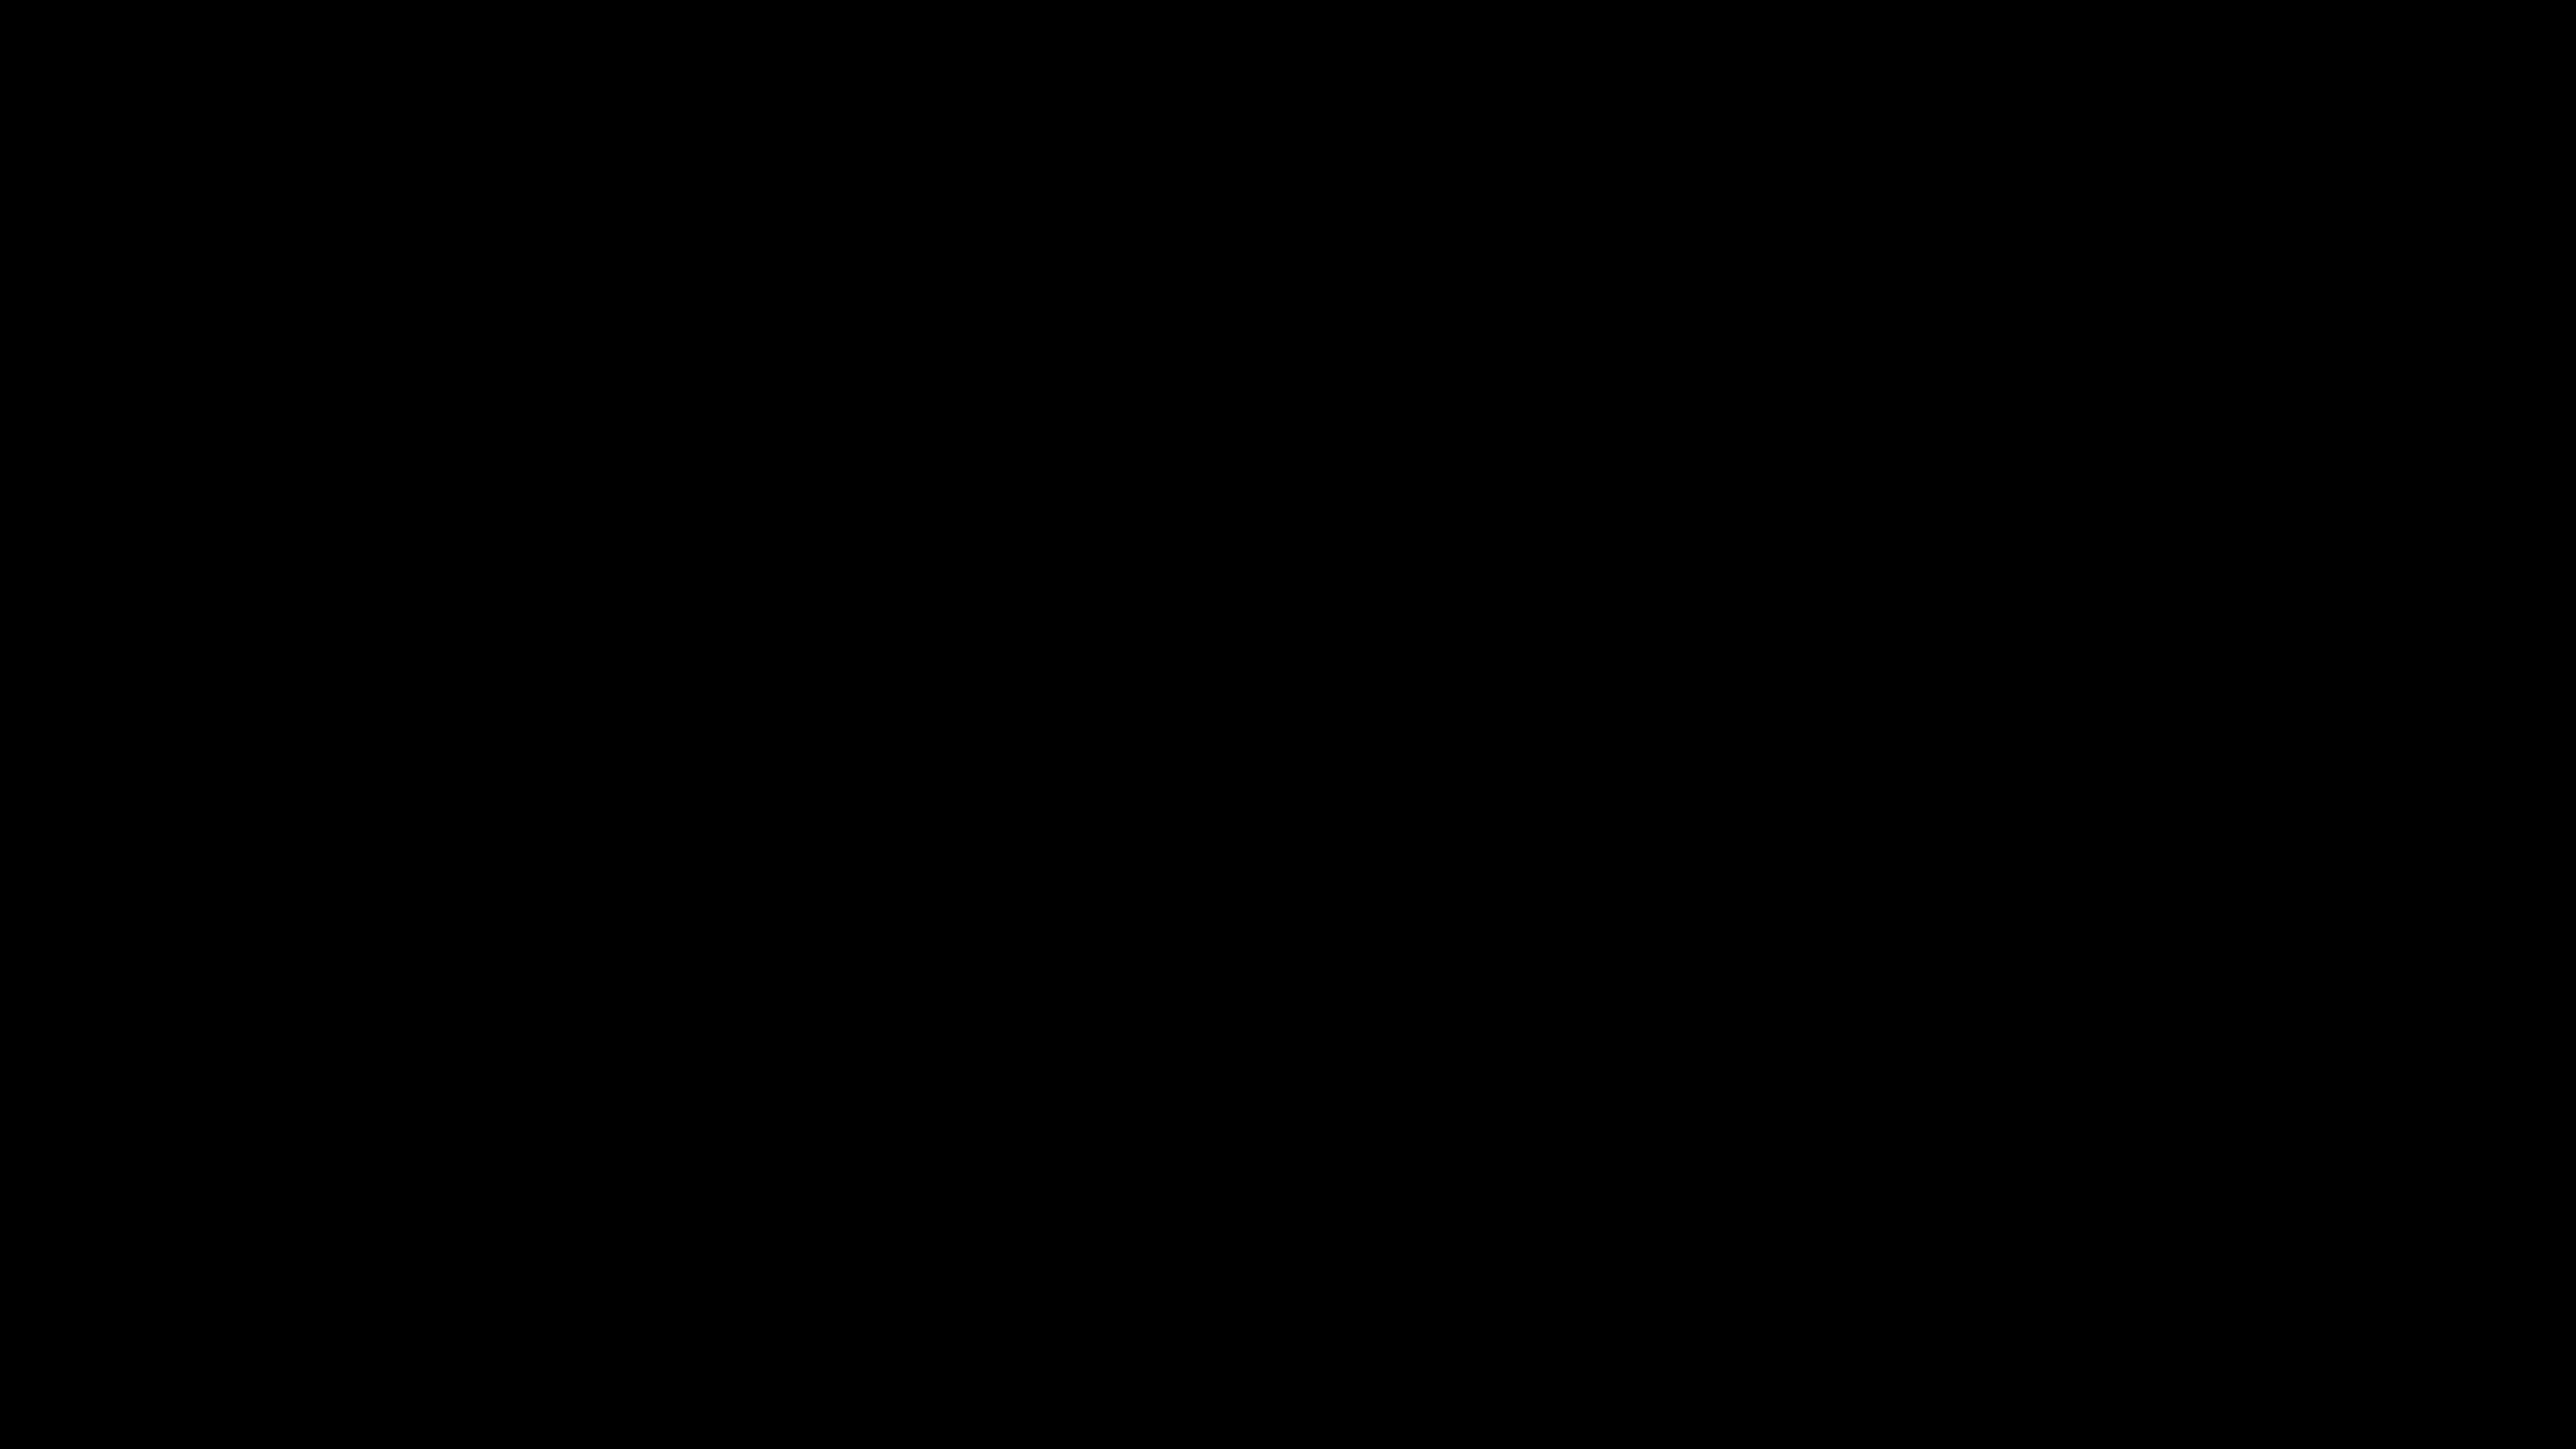 Black Banner Transparent.